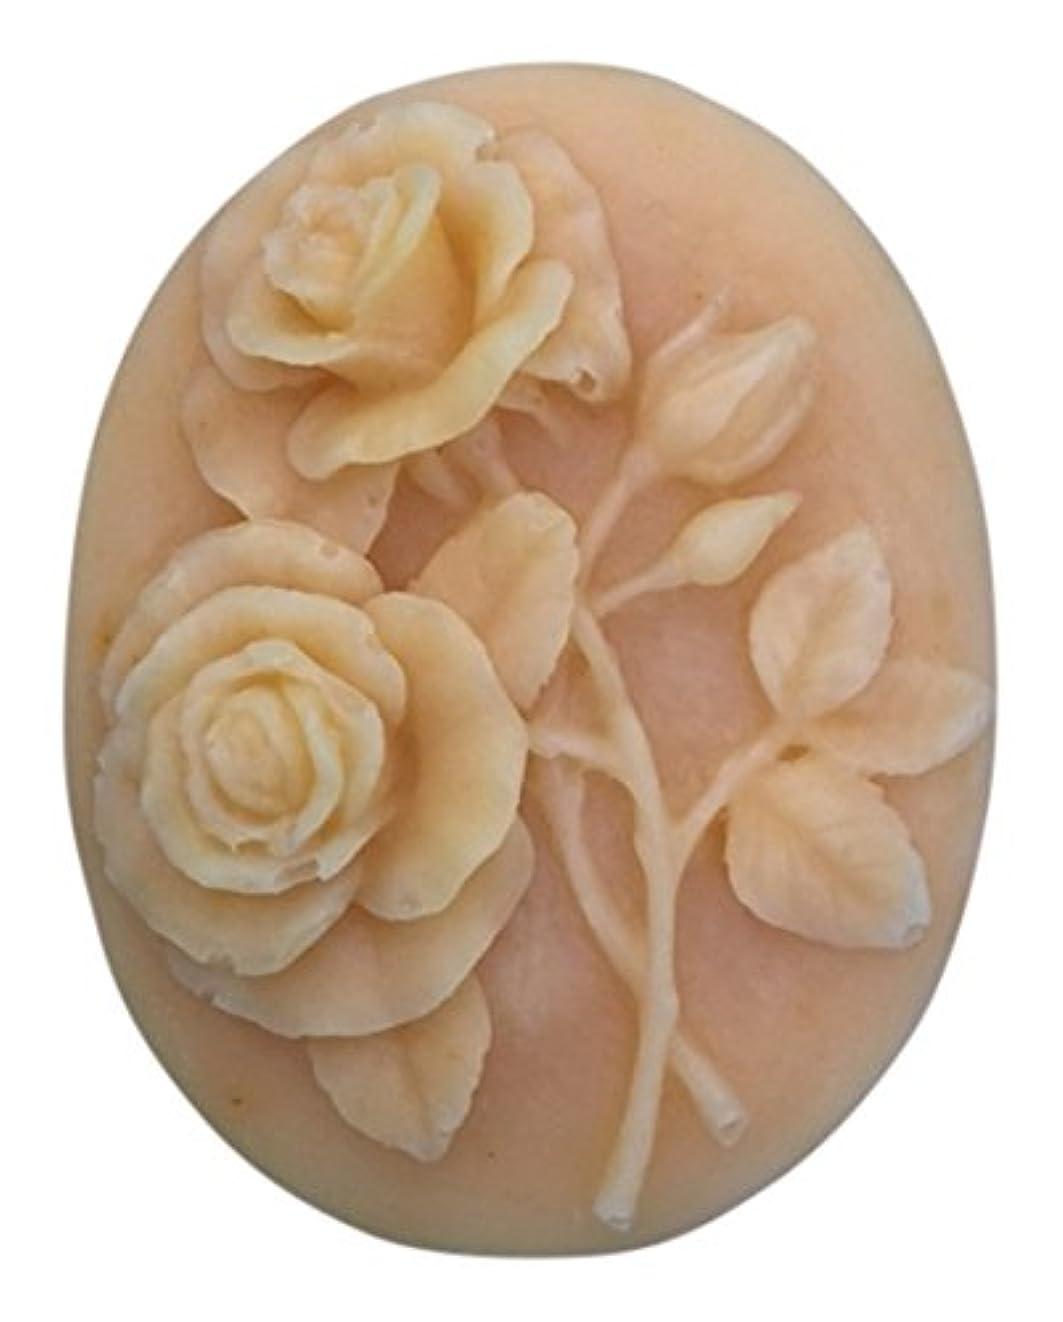 膨らみフィドル収束ボタニカルな手作り化粧石けん「茜」 幸福のバラ (B)